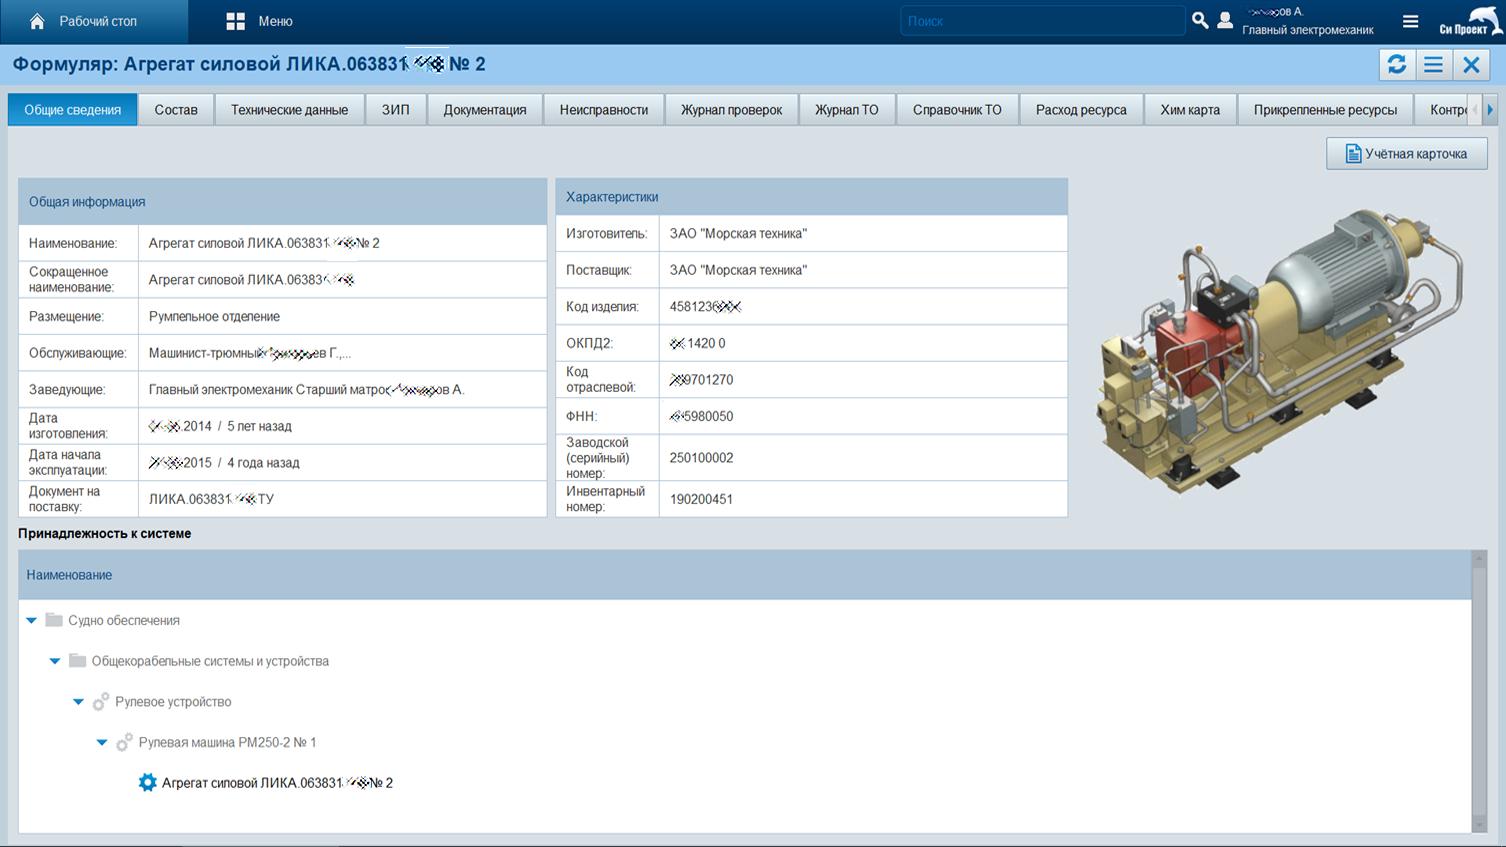 Электронный формуляр с основными данными оборудования в СУ ТОиР Seascape